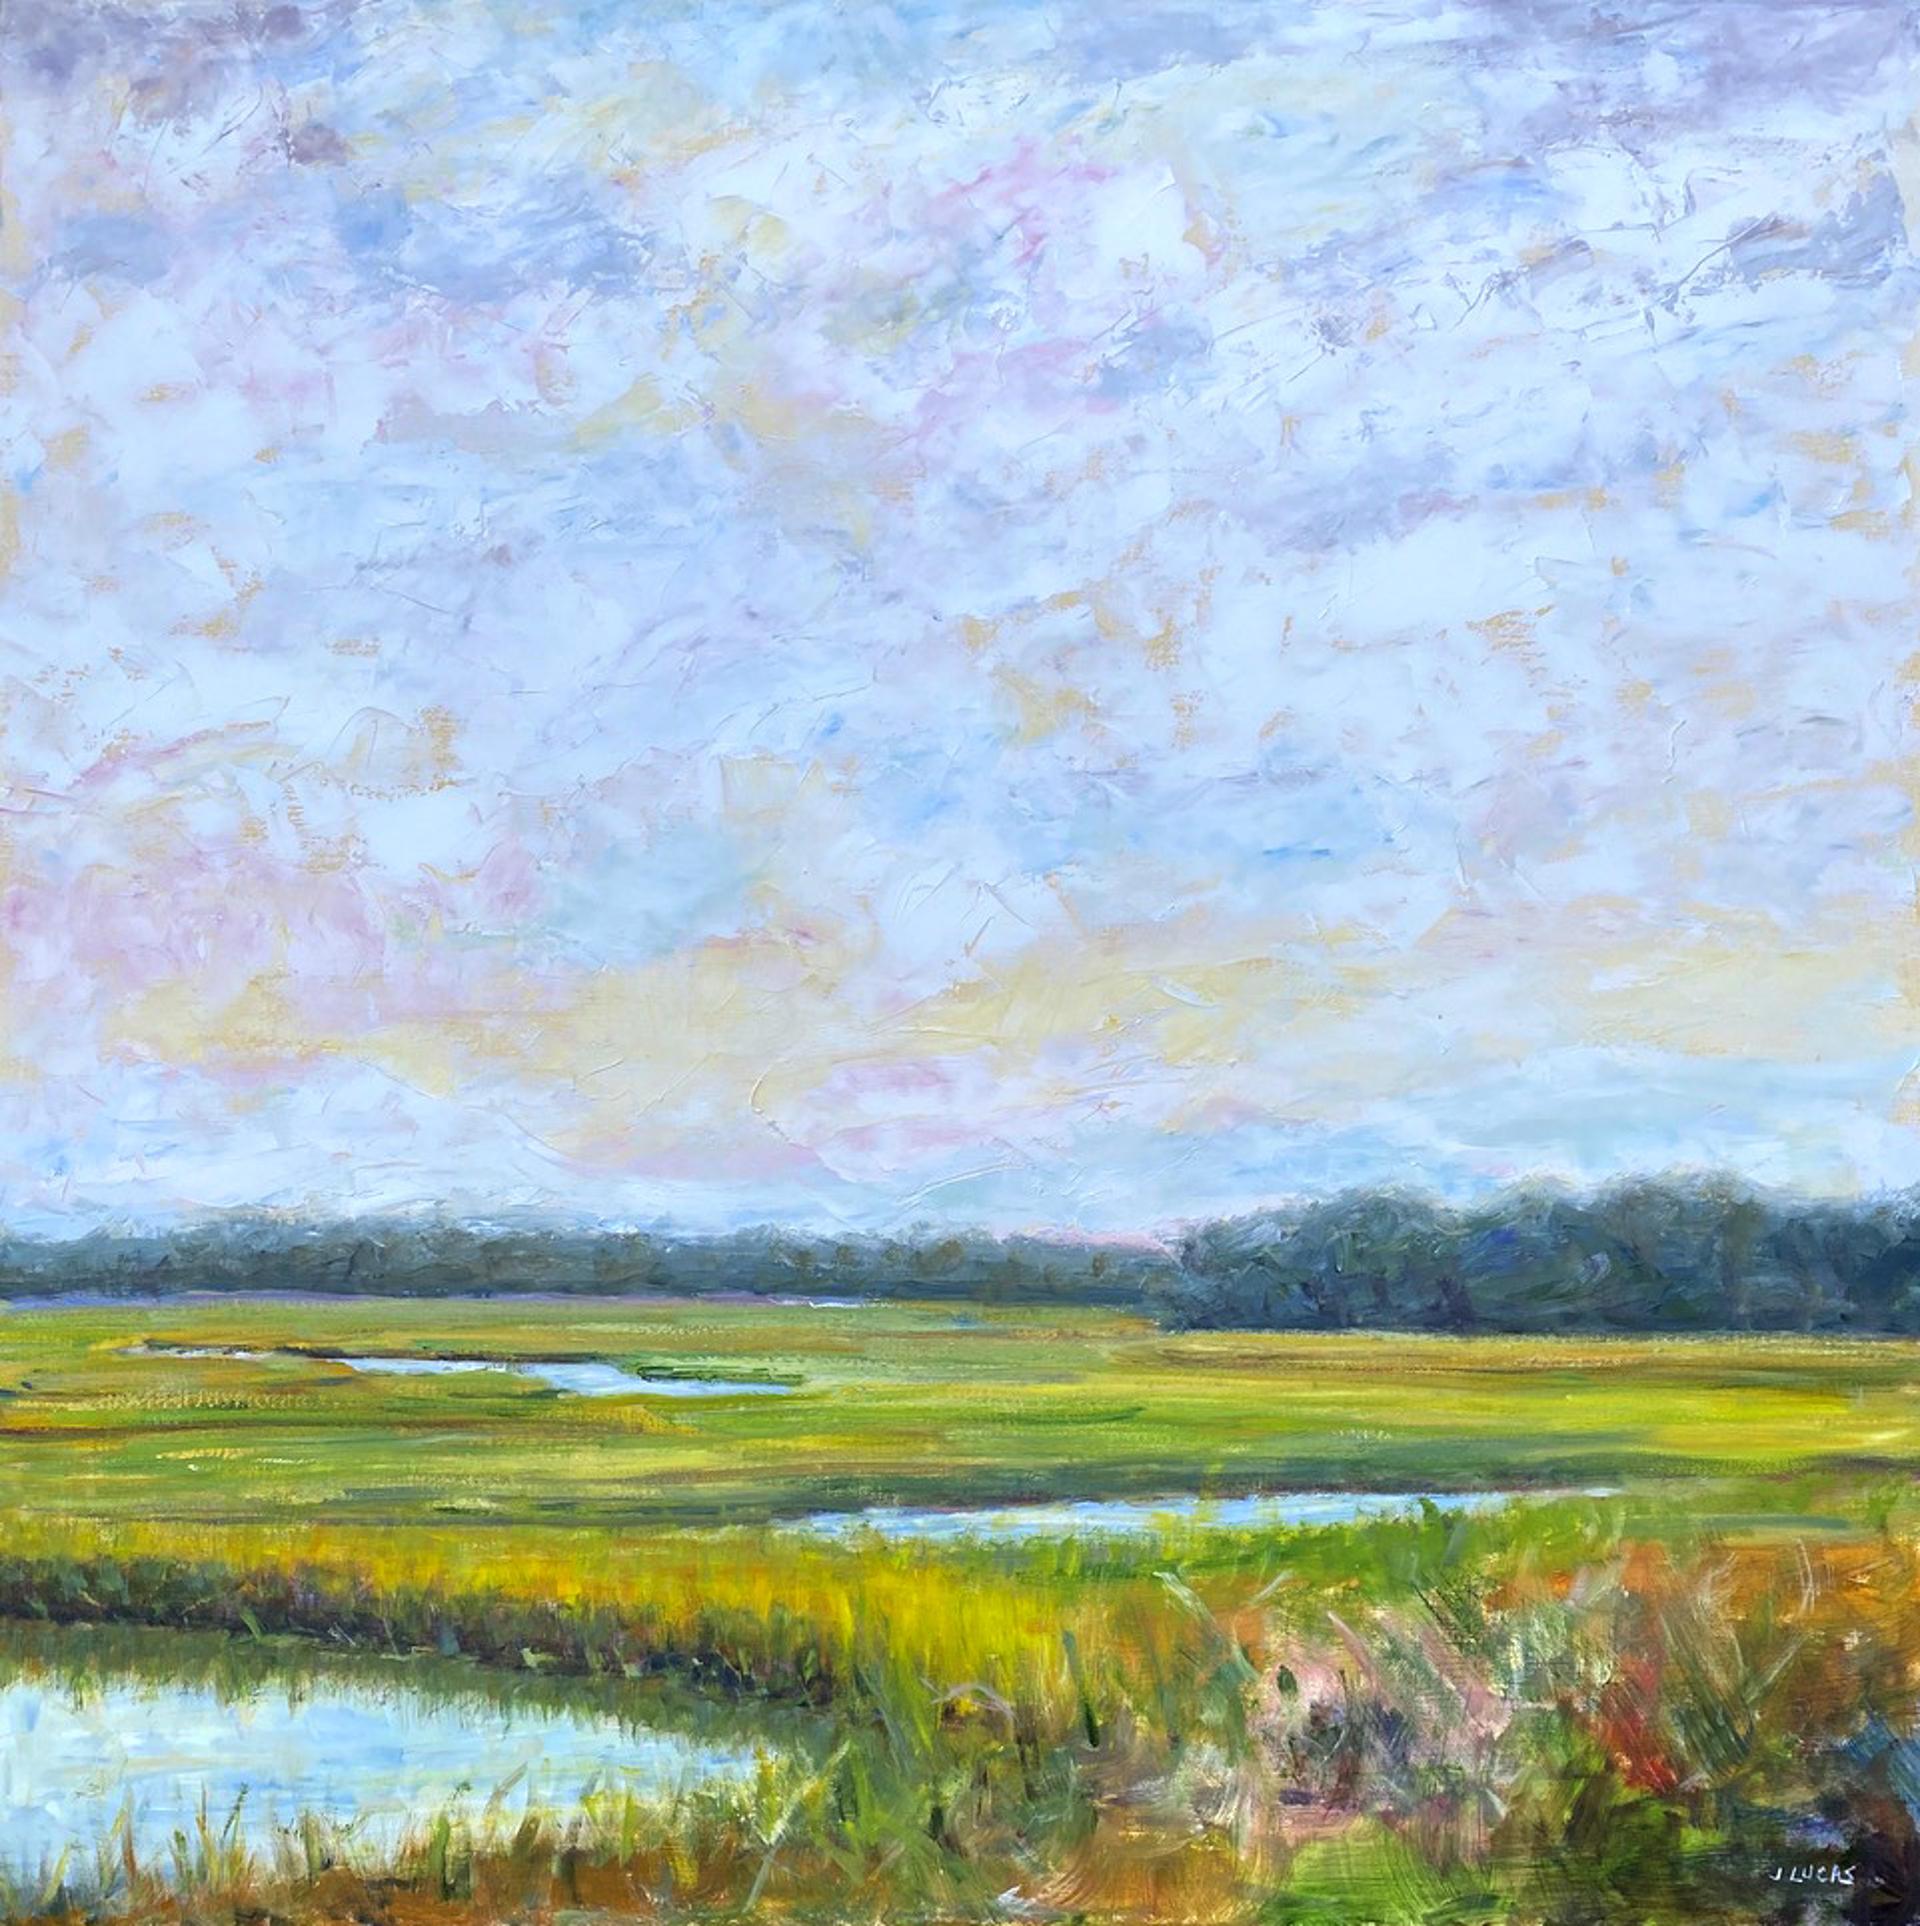 Carolina Marsh by Janet Lucas Beck